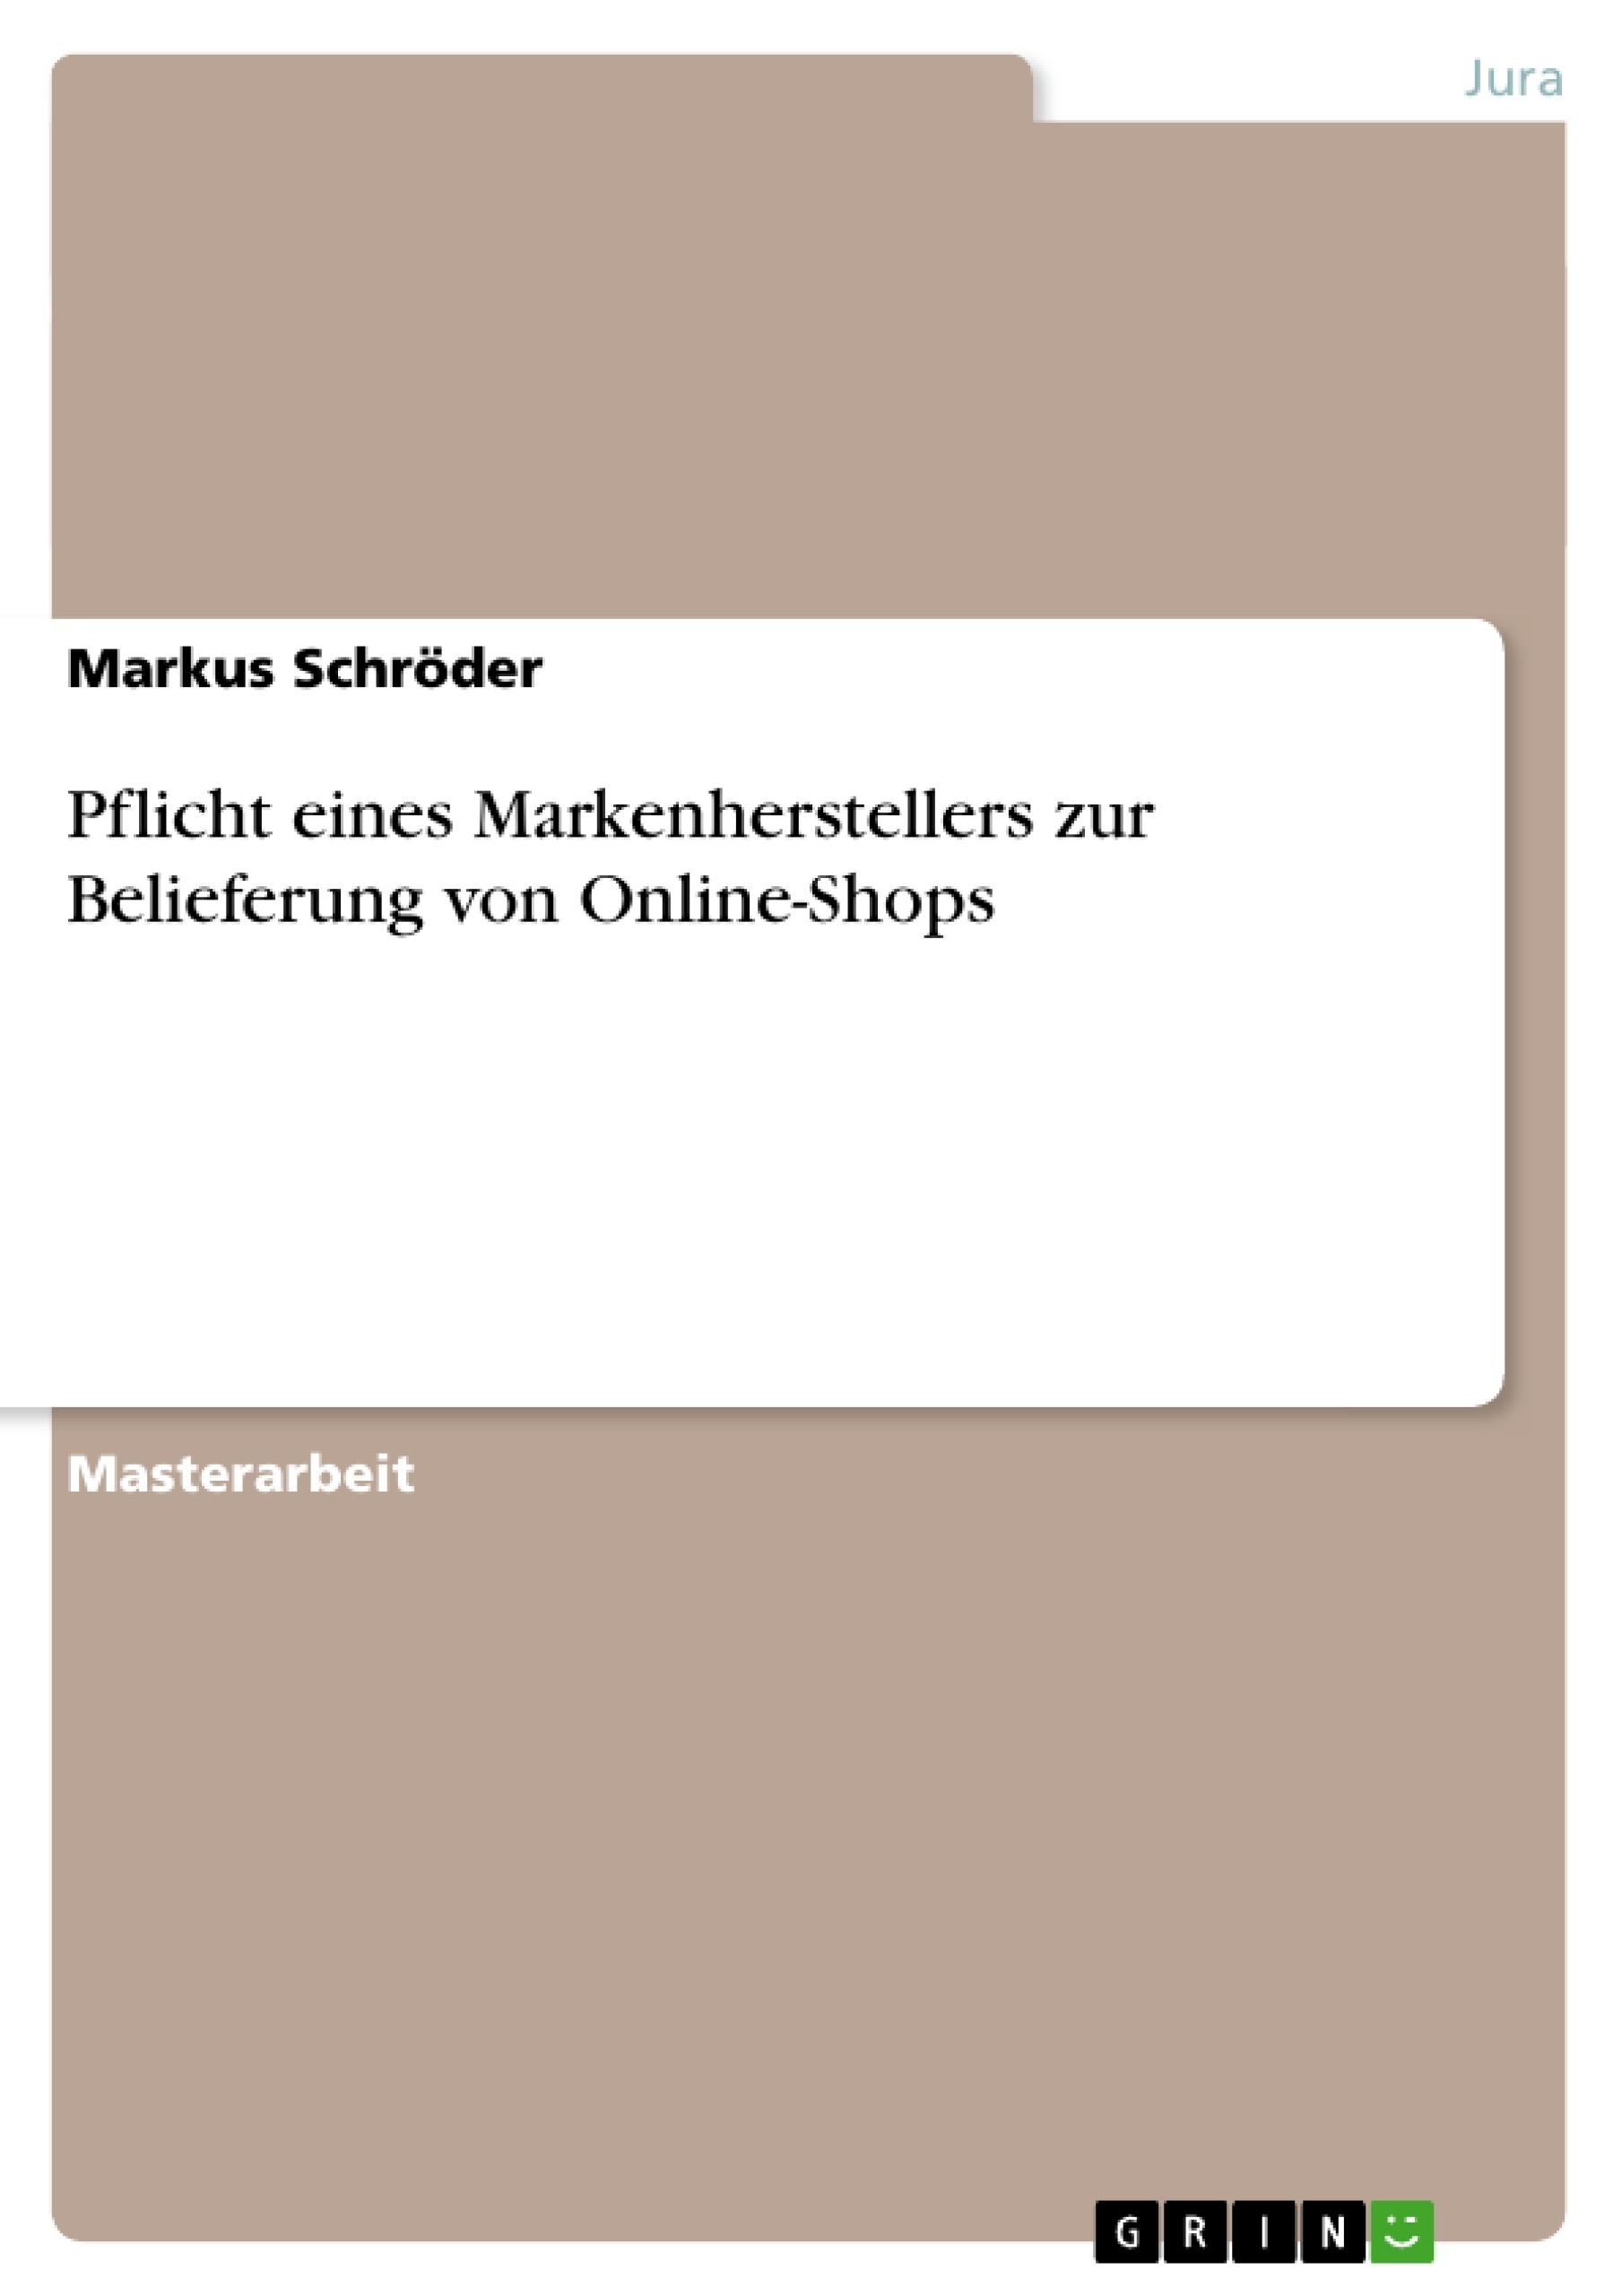 Titel: Pflicht eines Markenherstellers zur Belieferung von Online-Shops